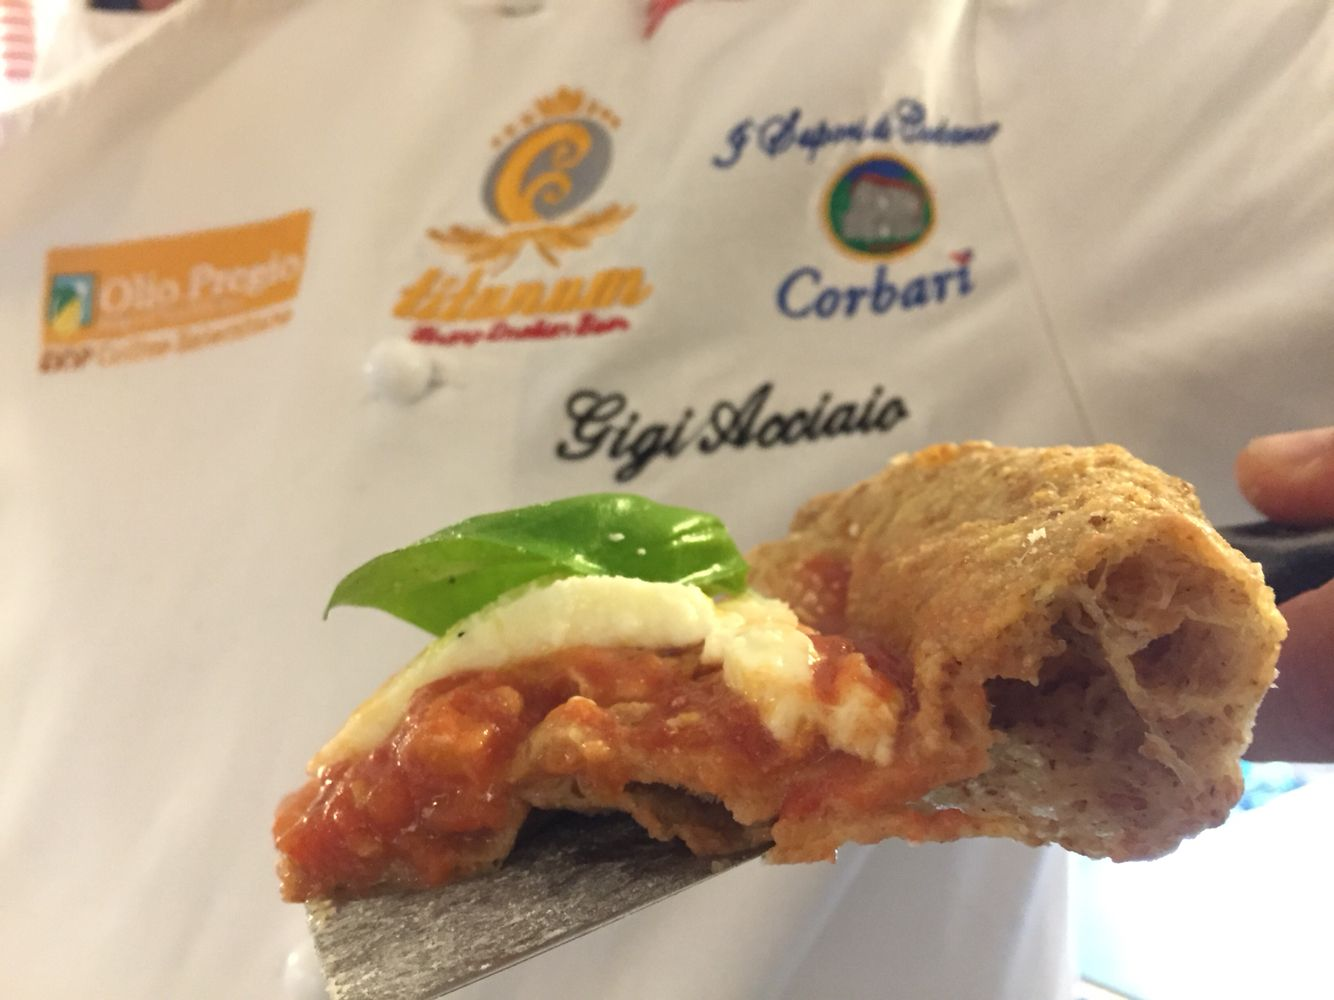 Pizza Montanara integrale, con farina Petra 9 del Molino Quaglia, pomodoro San Marzano DOP L'Orto di Lucullo, Fior D'Agerola, basilico e olio EVO DOP Pregio. Realizzata da #luigiacciaio presso #meliuspompei